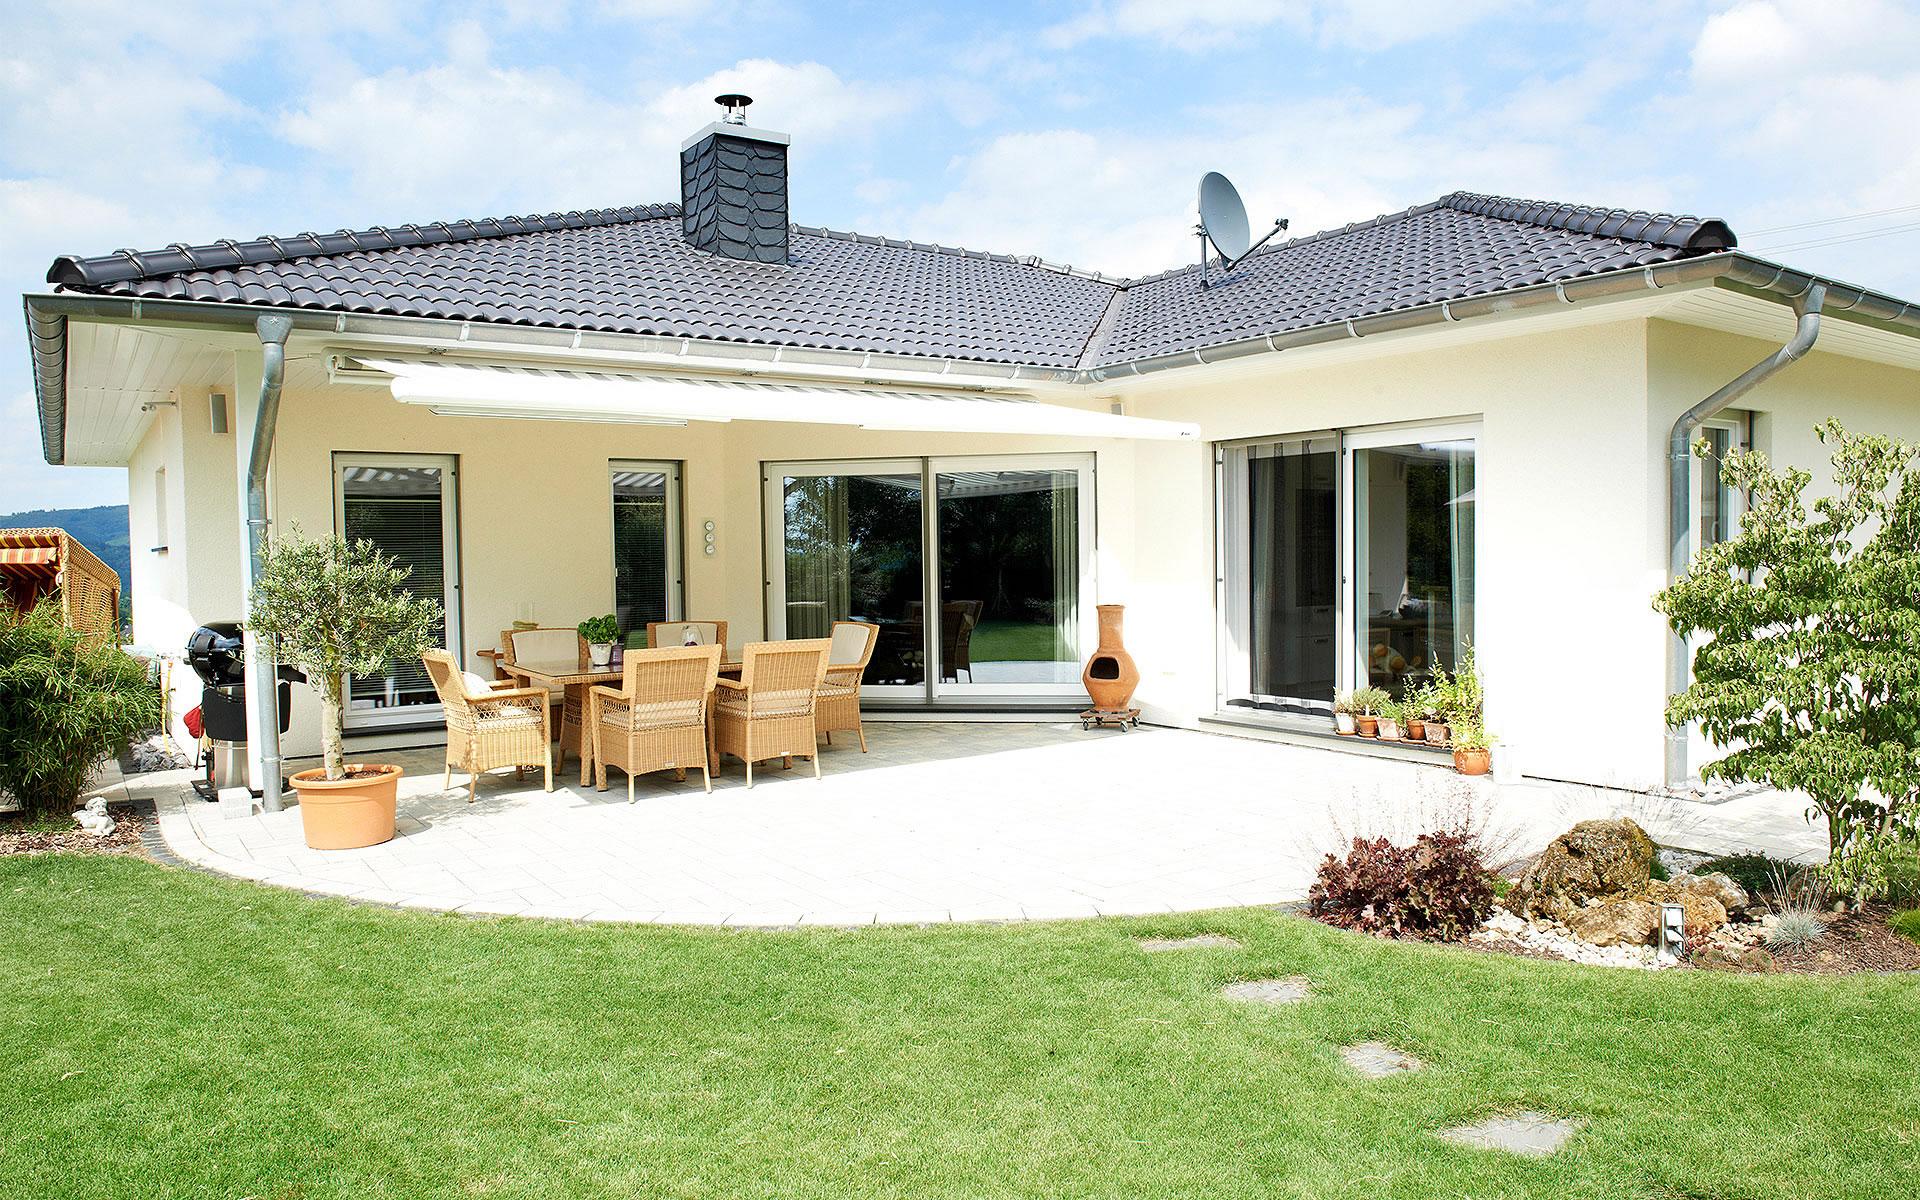 Cilia von Fingerhut Haus GmbH & Co. KG